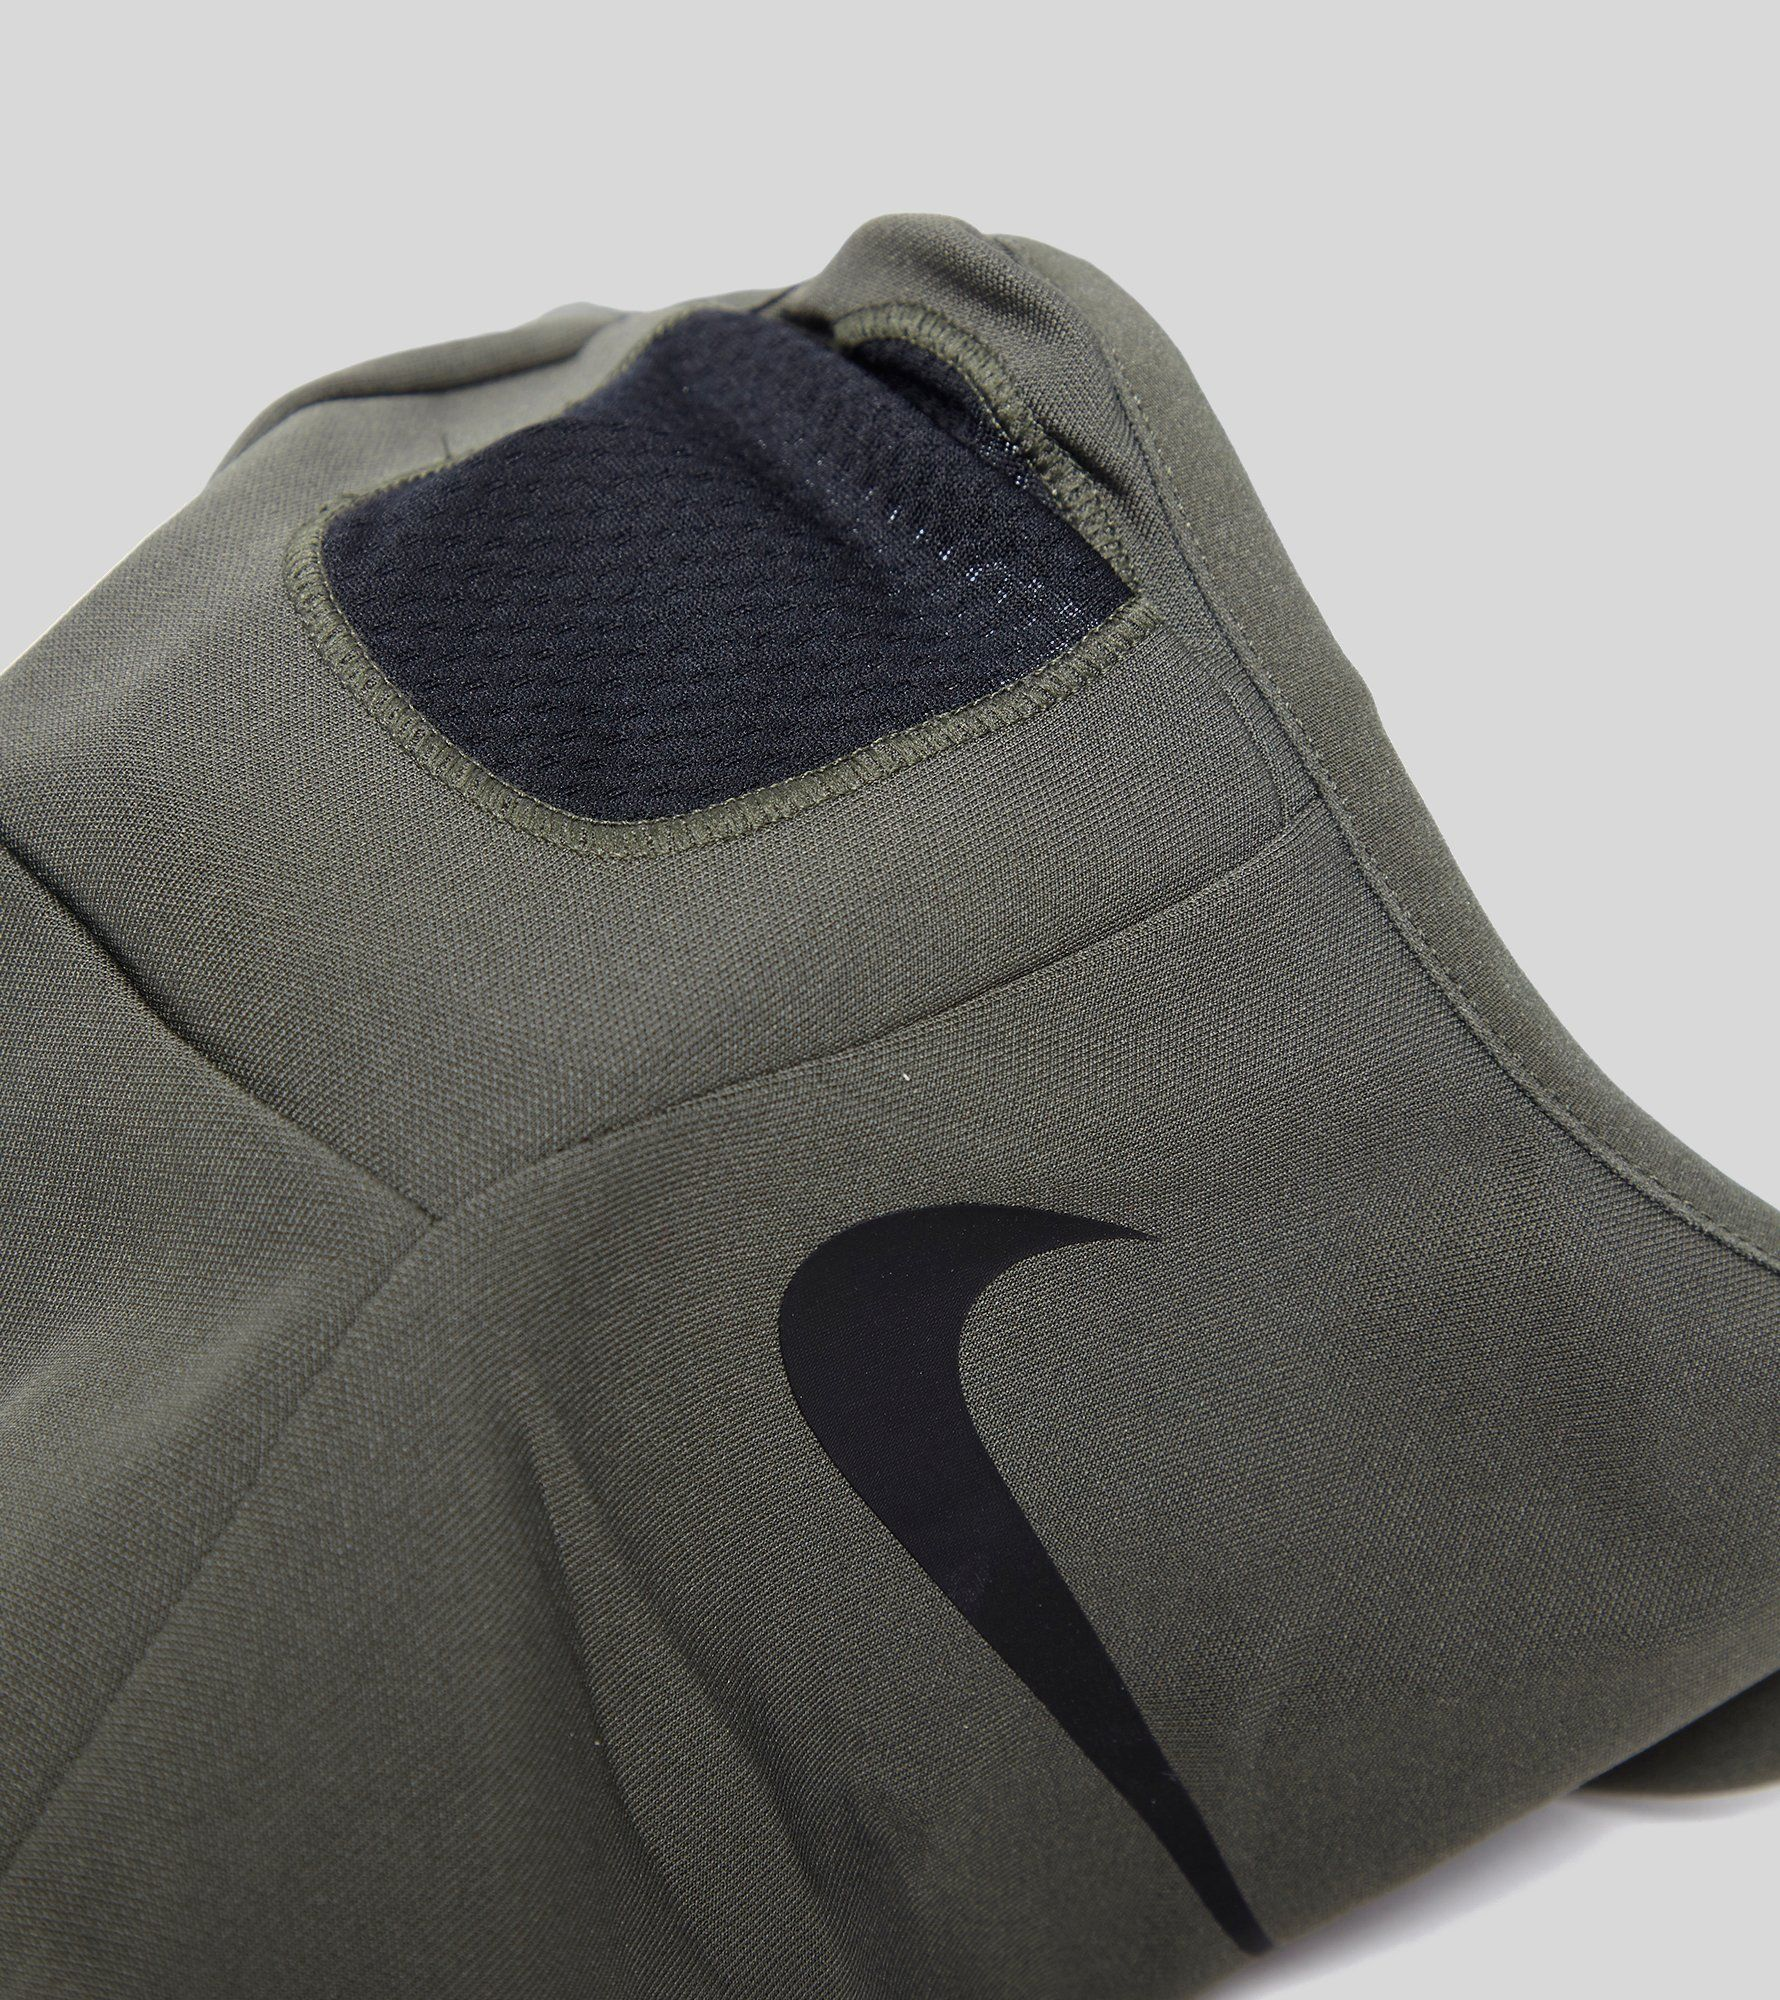 Nike Football Snood